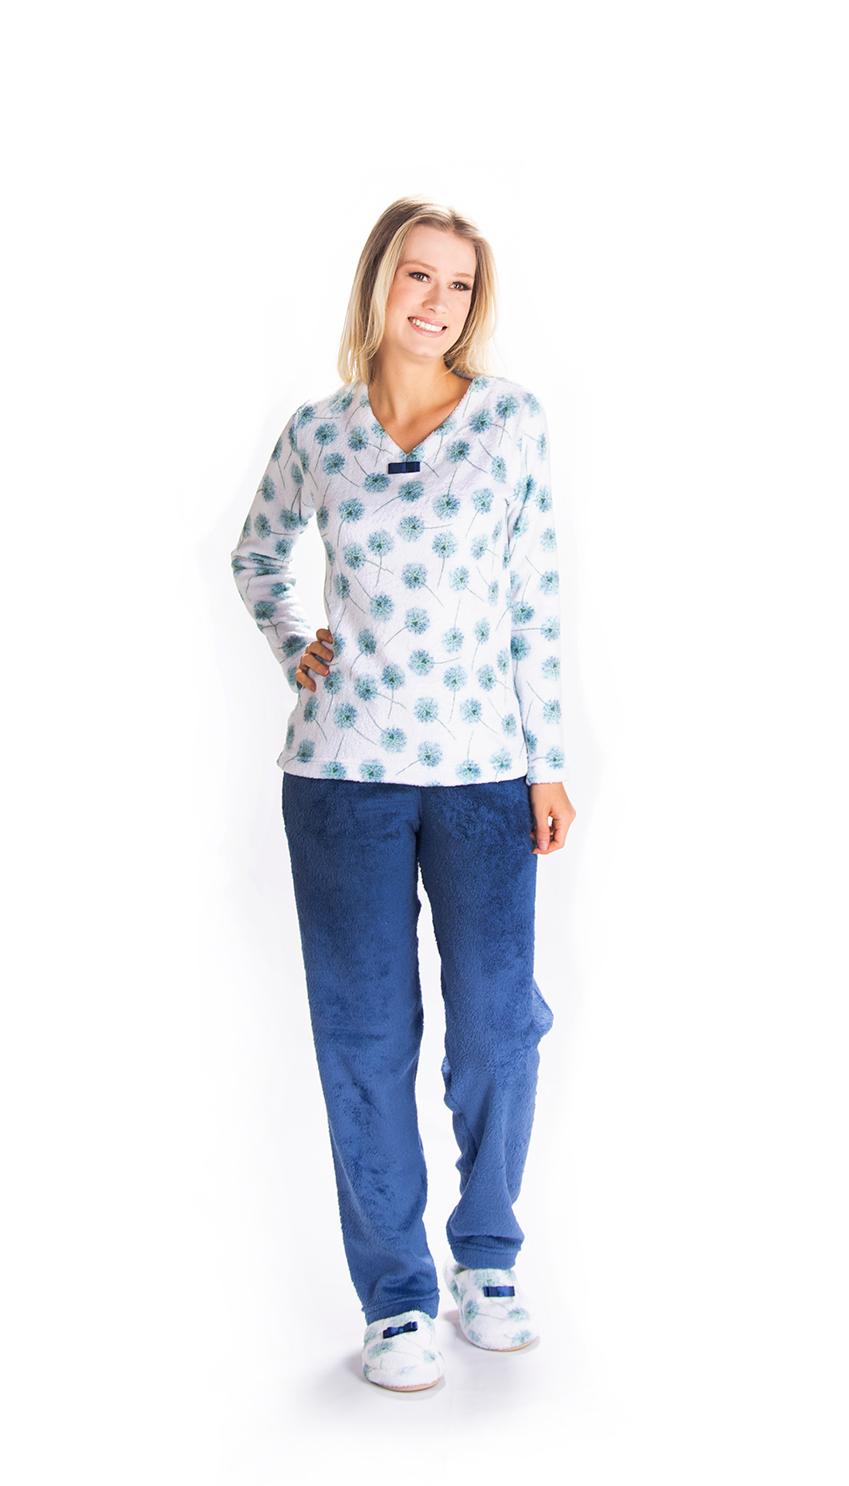 Pijama Feminino Vairelli Inverno Fleece Poliéster Mirela Flowers  - Vairelli Chinelos Pijamas Robes